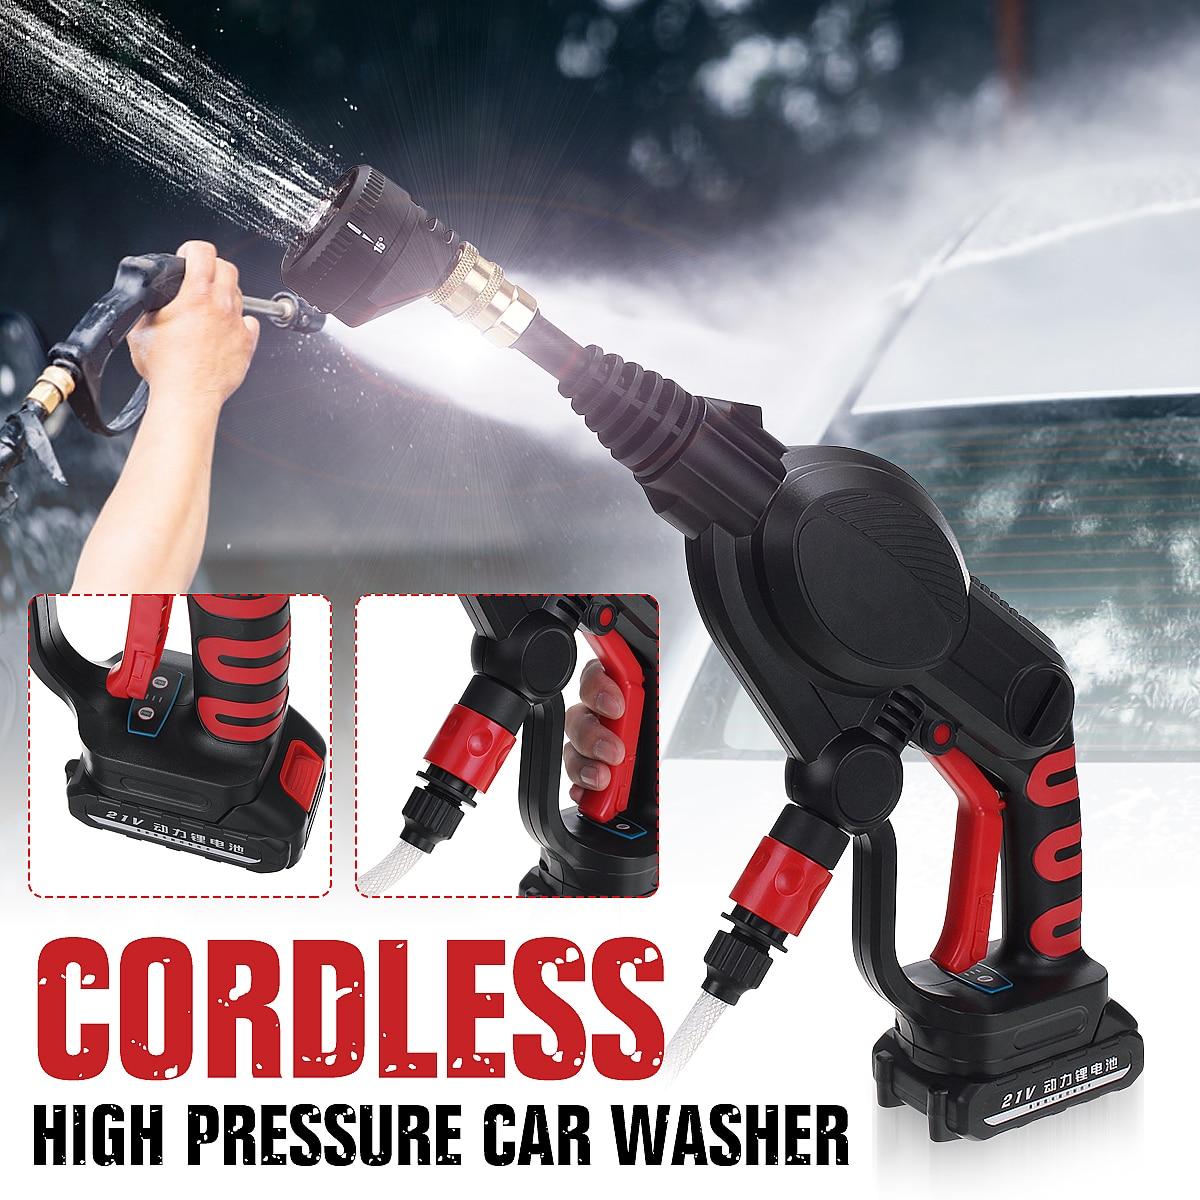 Nettoyeur de lave-auto à haute pression tenu dans la main sans fil sans fil de 20V 2.6MPa pour le lavage de nettoyage de voiture pour le filtre de tuyau de la pointe 6m de buses de pistolet